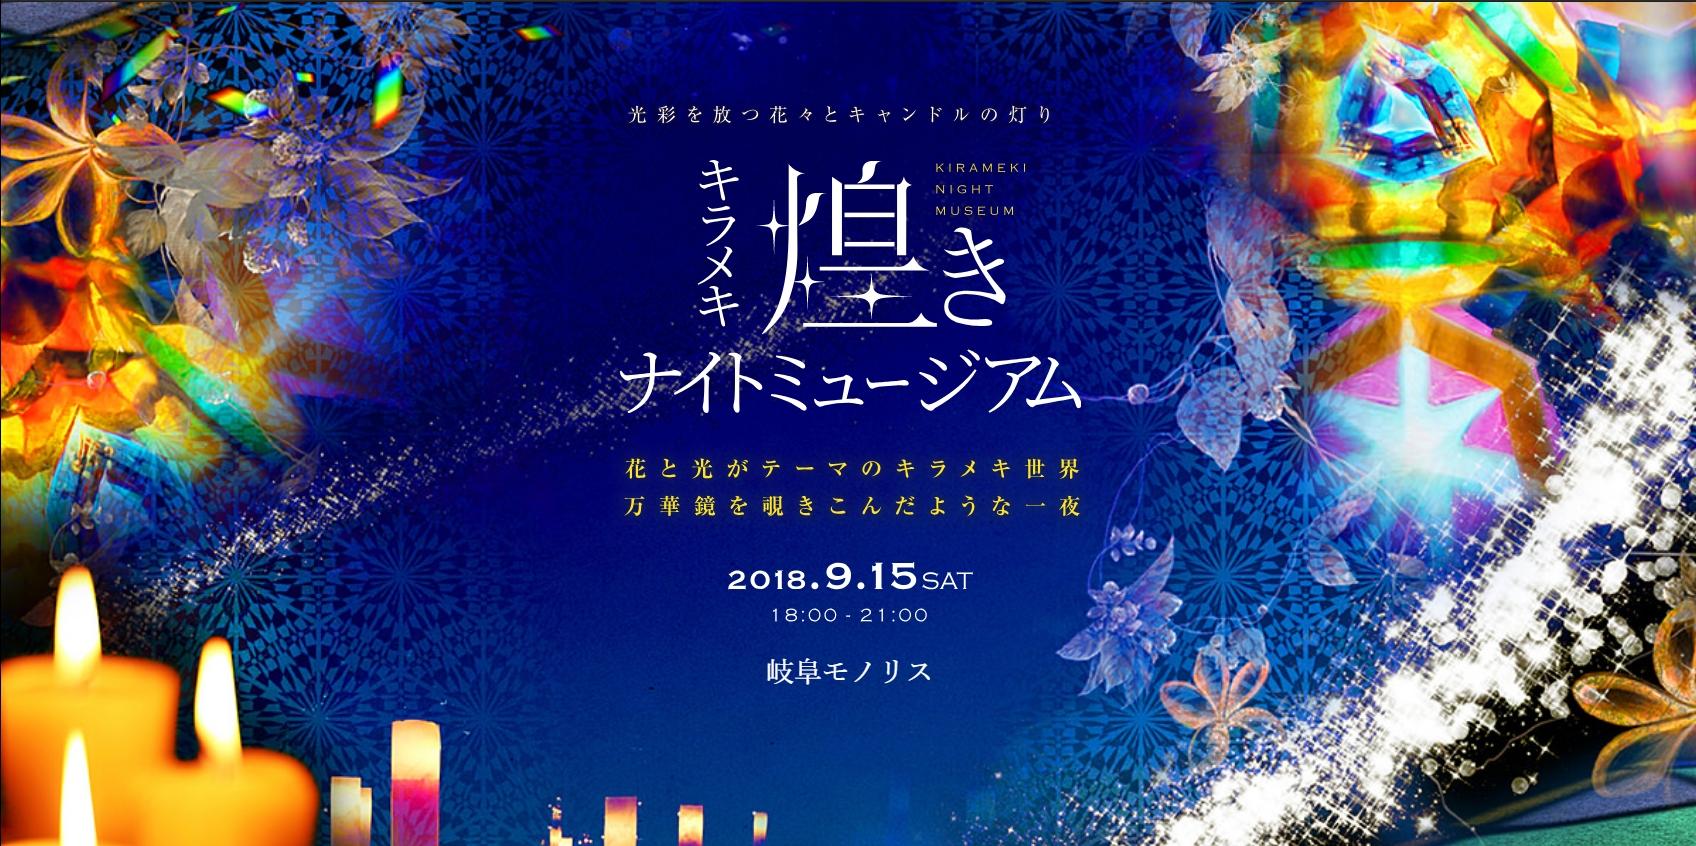 岐阜モノリスのキラメキナイトミュージアム